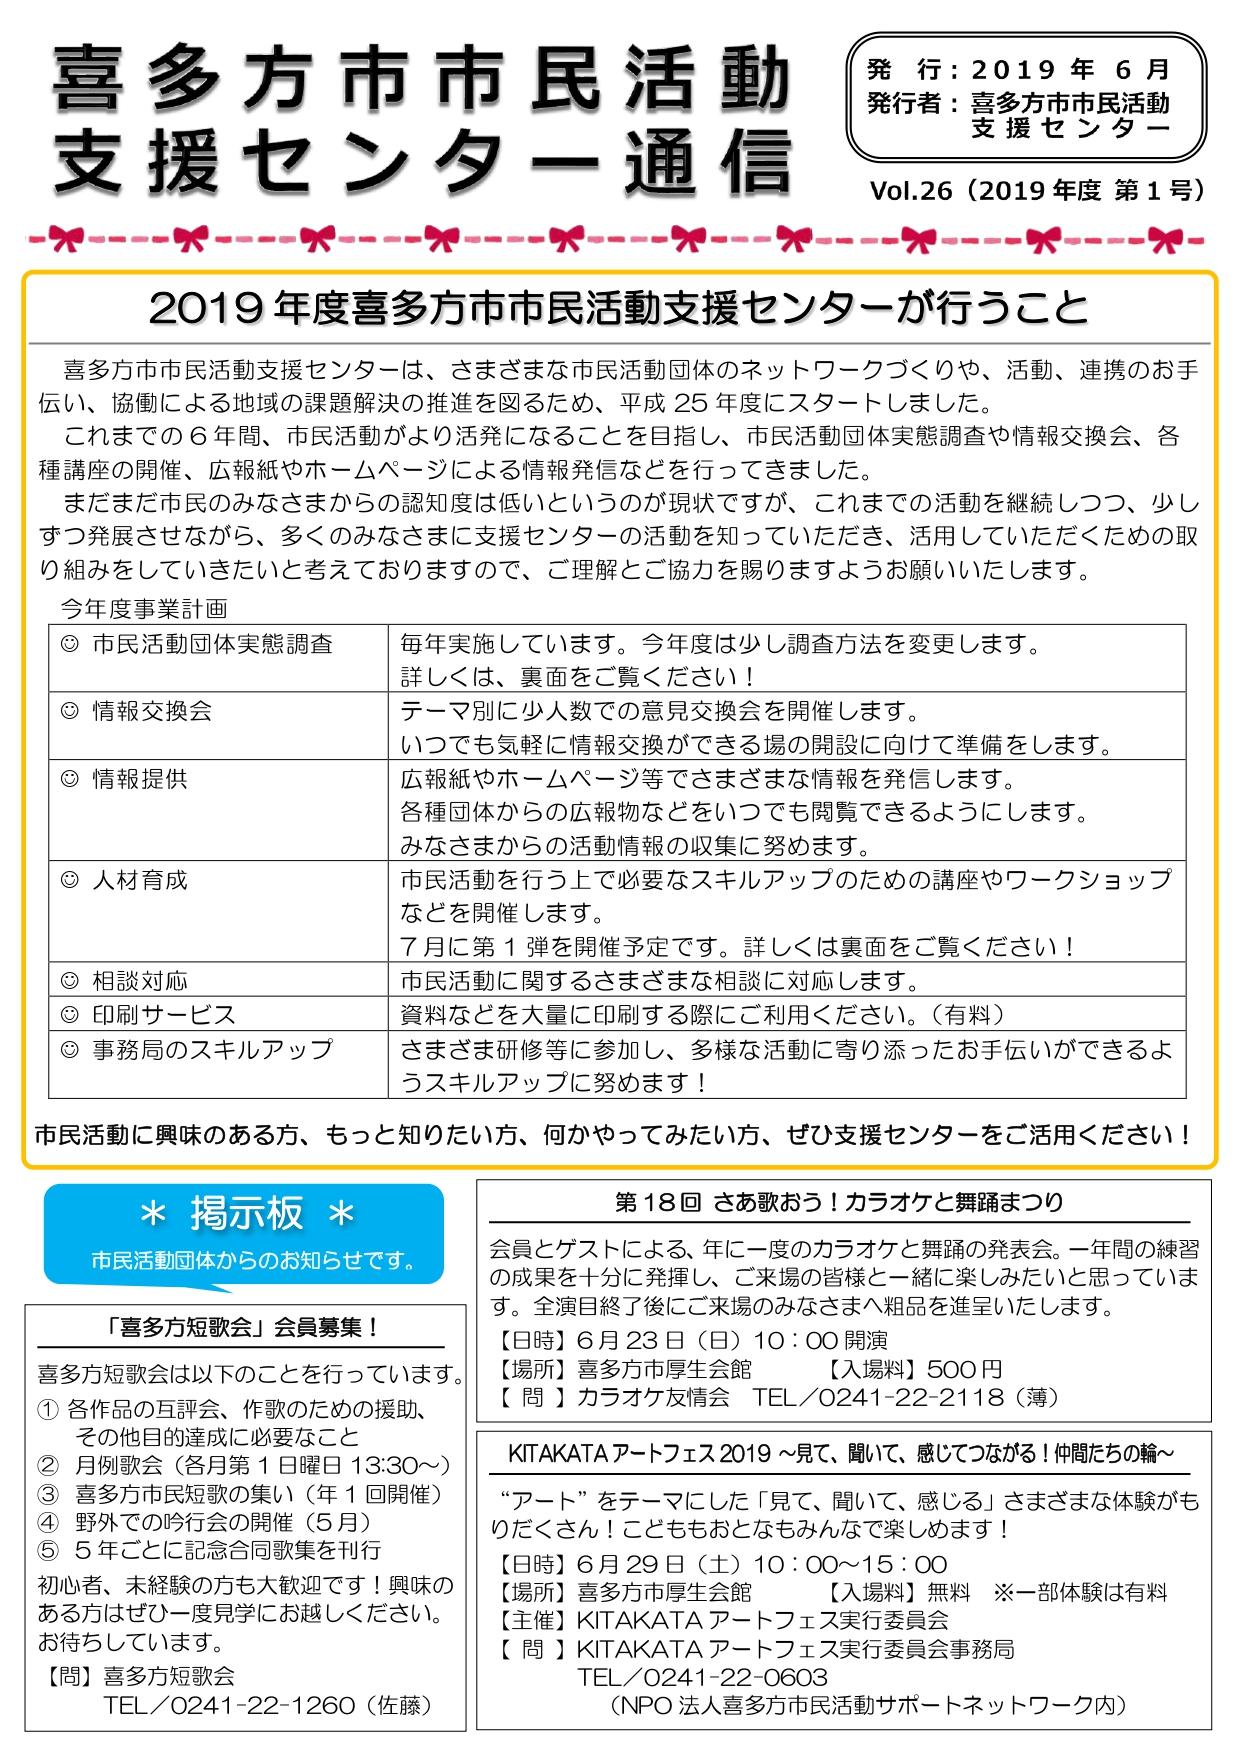 喜多方市市民活動支援センター通信 2019年度第1号(Vol.26)